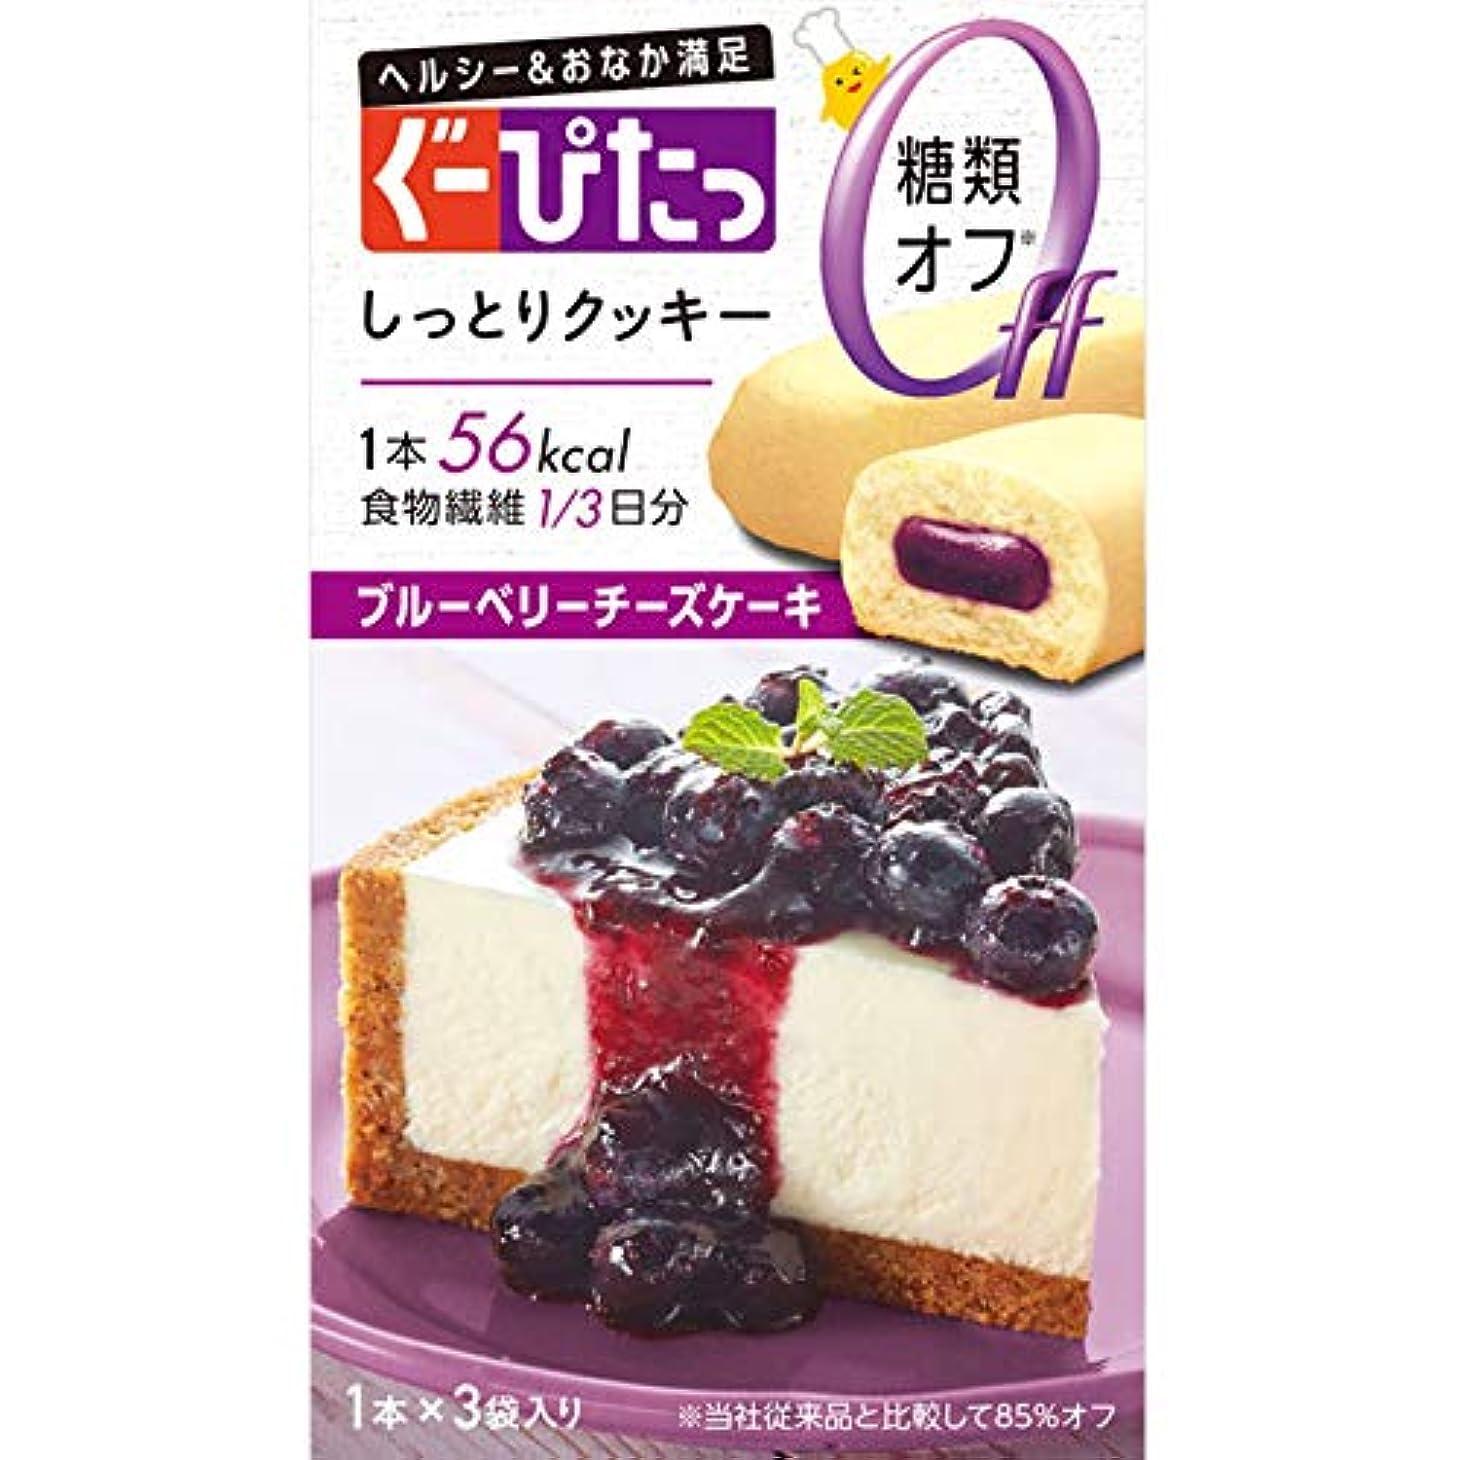 敏感な心理的に独立したナリスアップ ぐーぴたっ しっとりクッキー ブルーベリーチーズケーキ (3本) ダイエット食品